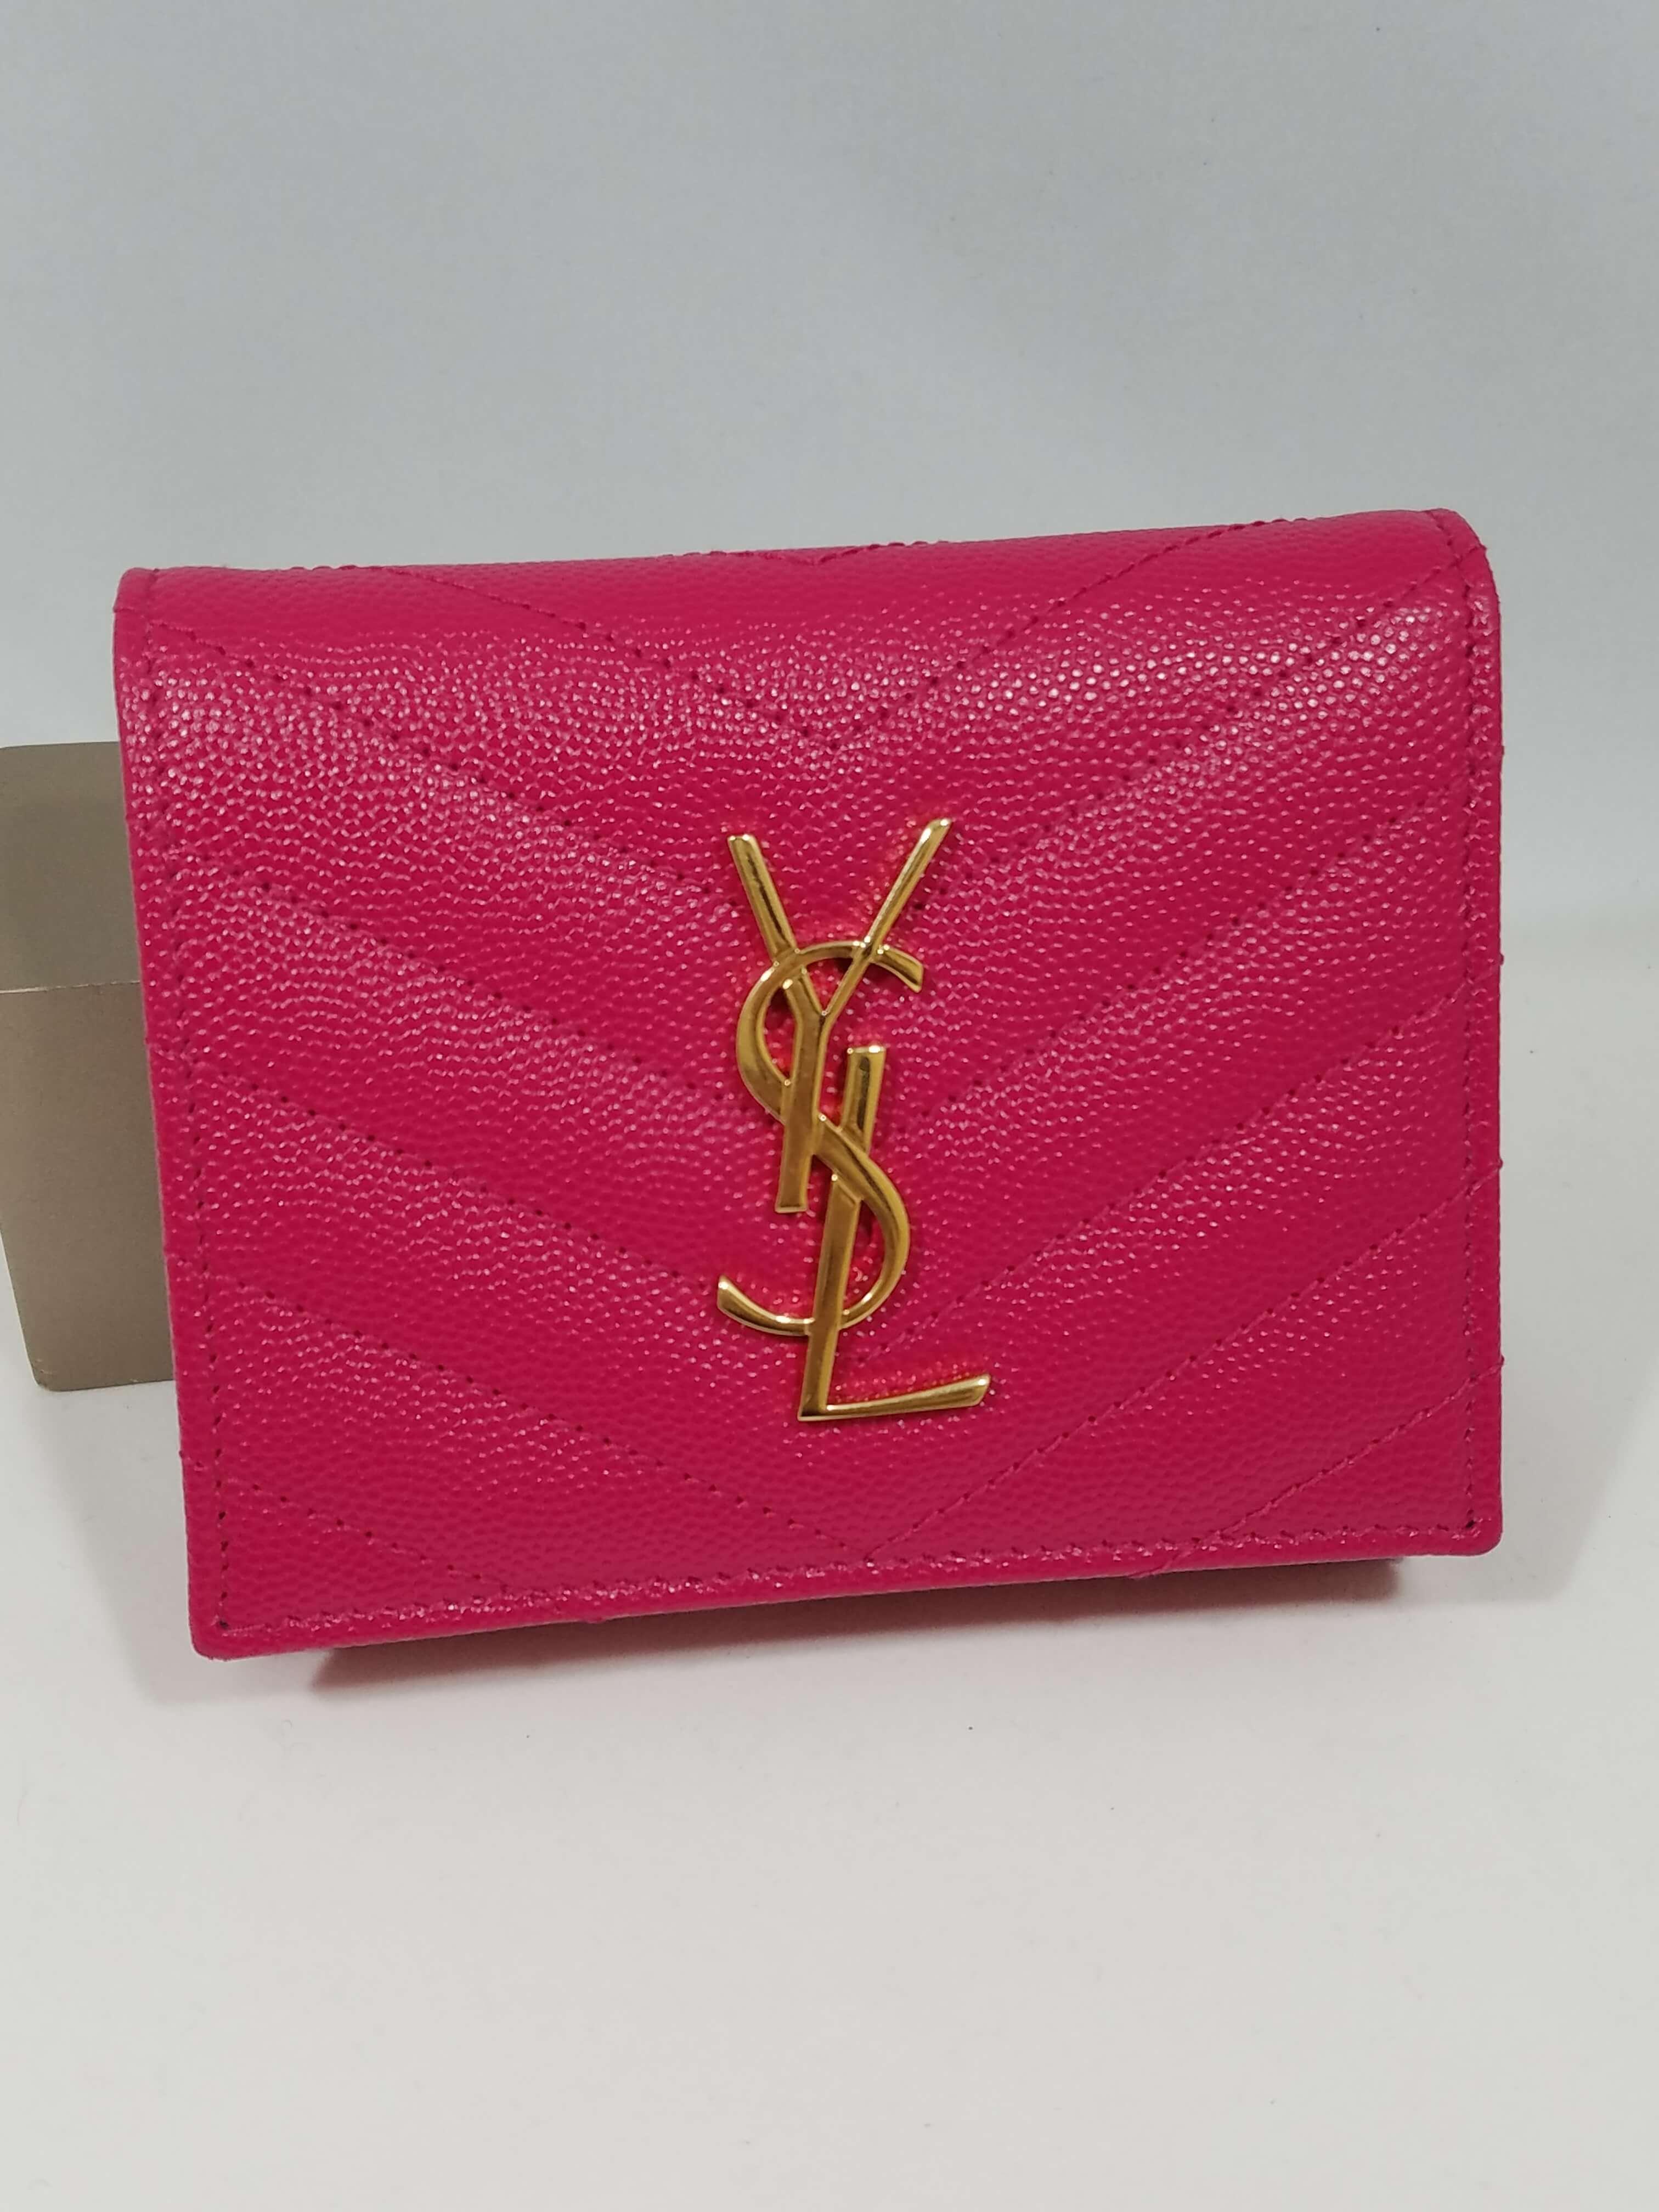 YSL 三つ折り財布 モノグラム ピンク